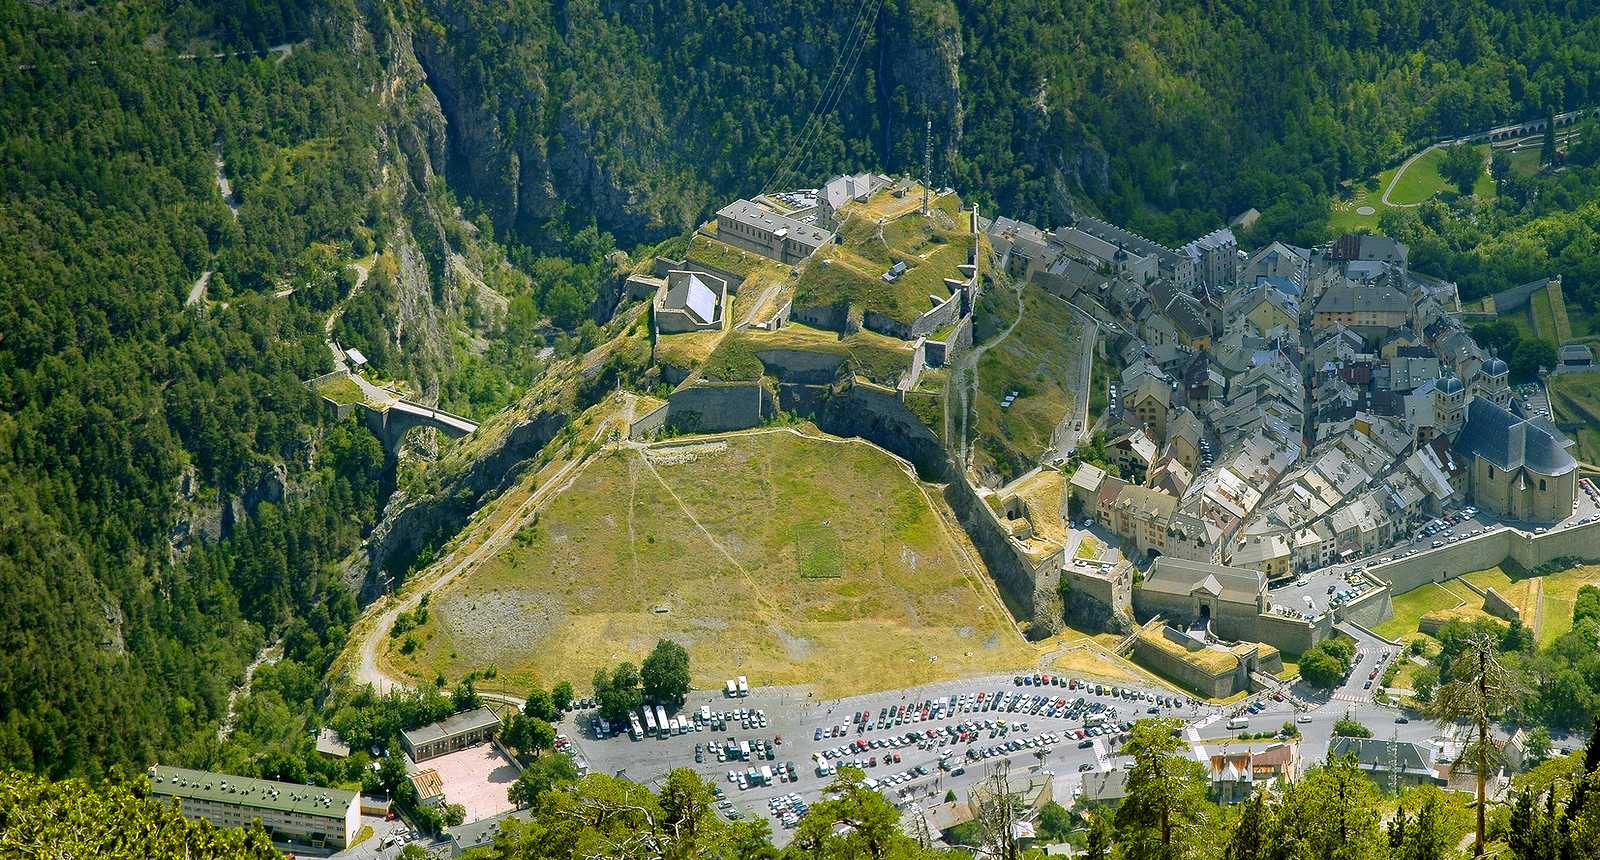 Vue aérienne de la Citadelle de Briançon